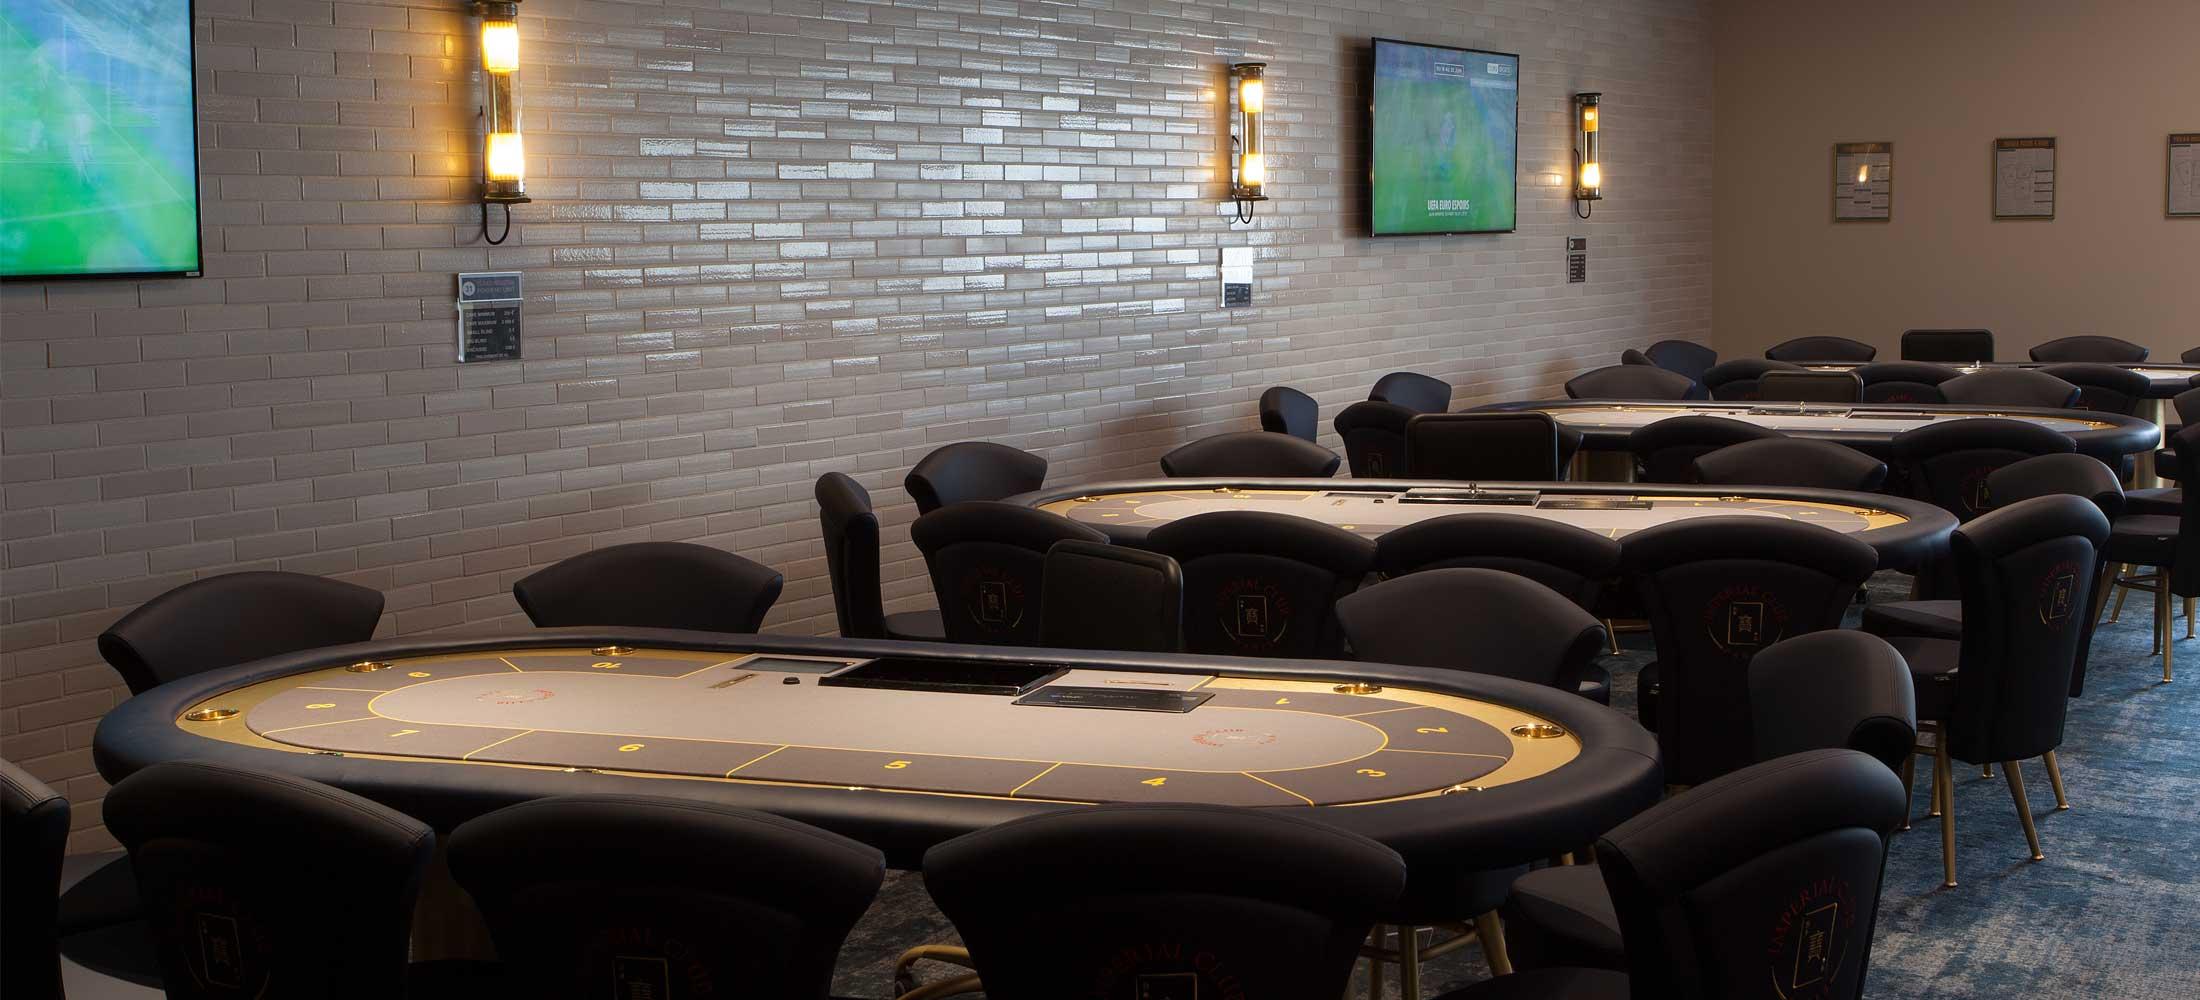 Image de couverture de l'article Club poker – Pourquoi rejoindre un club de poker en France ?